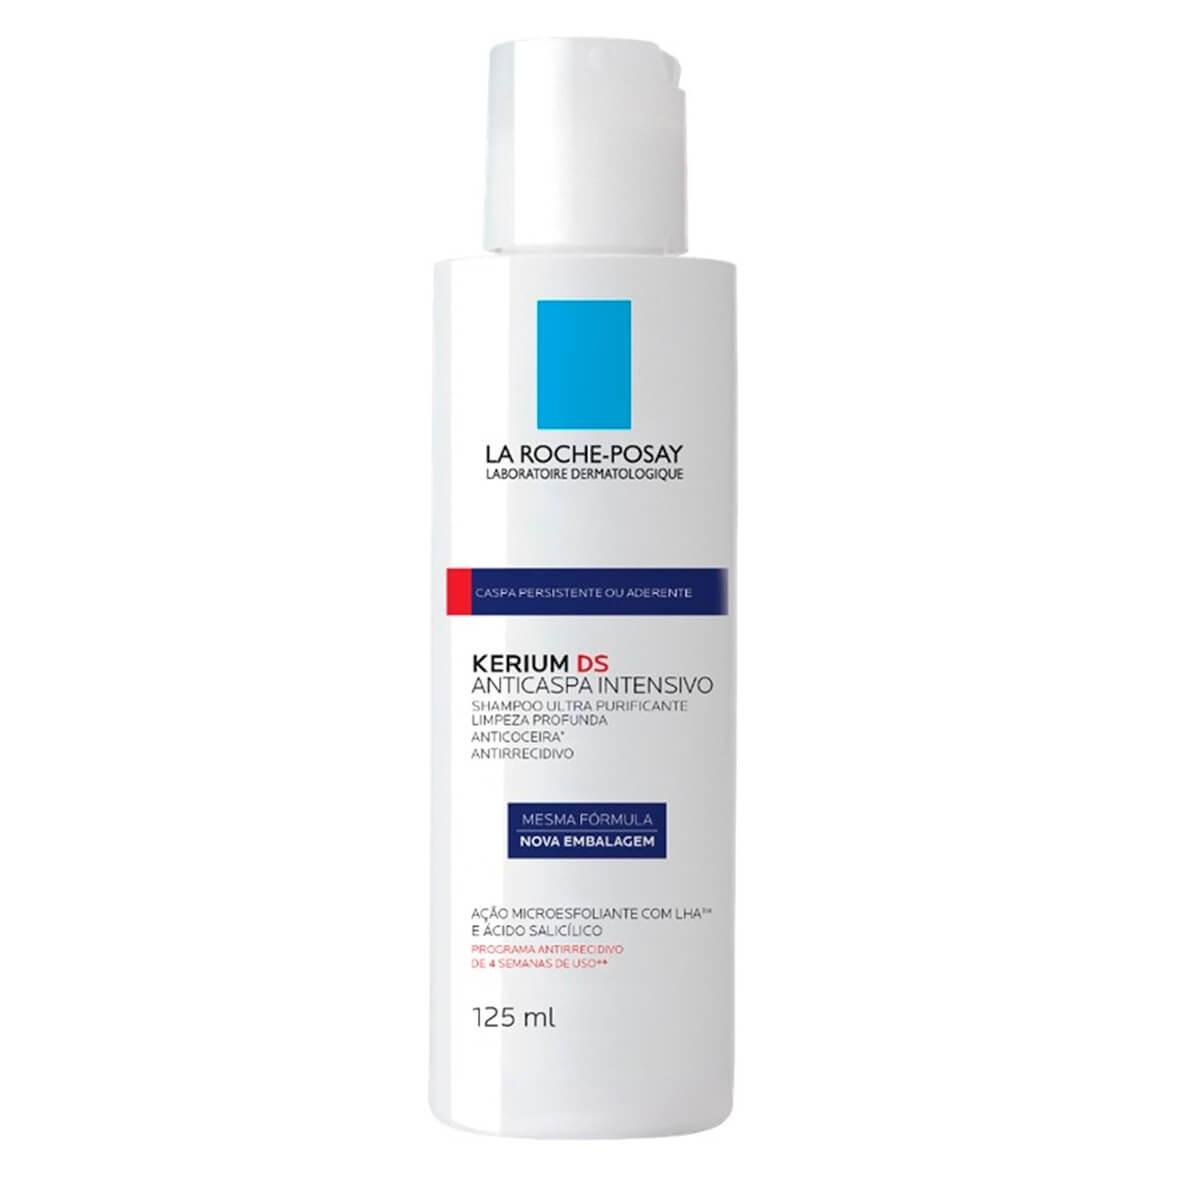 Shampoo Anticaspa La Roche-Posay Intensivo Kerium DS com 125ml 125ml